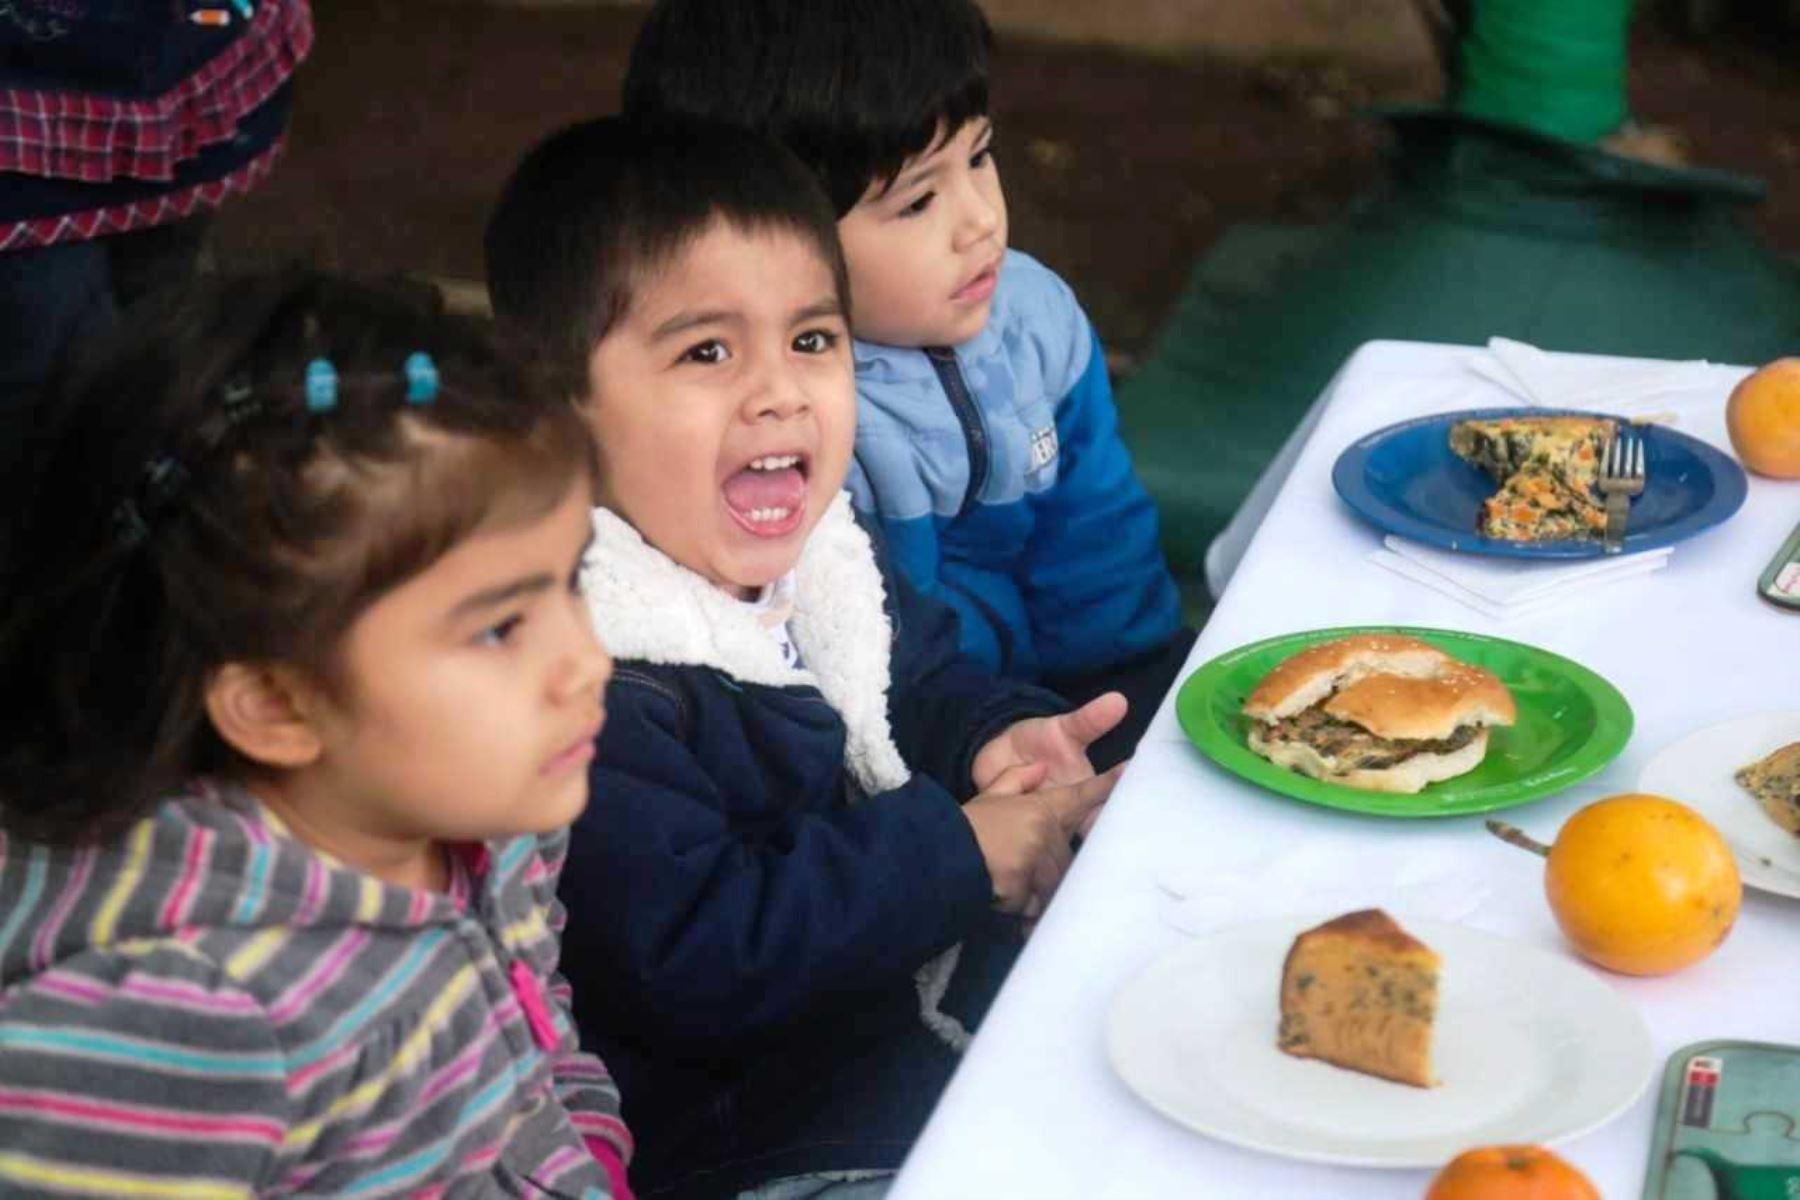 Siete alternativas de loncheras antianemia que sus hijos pueden llevar al colegio. Foto: ANDINA/Difusión.